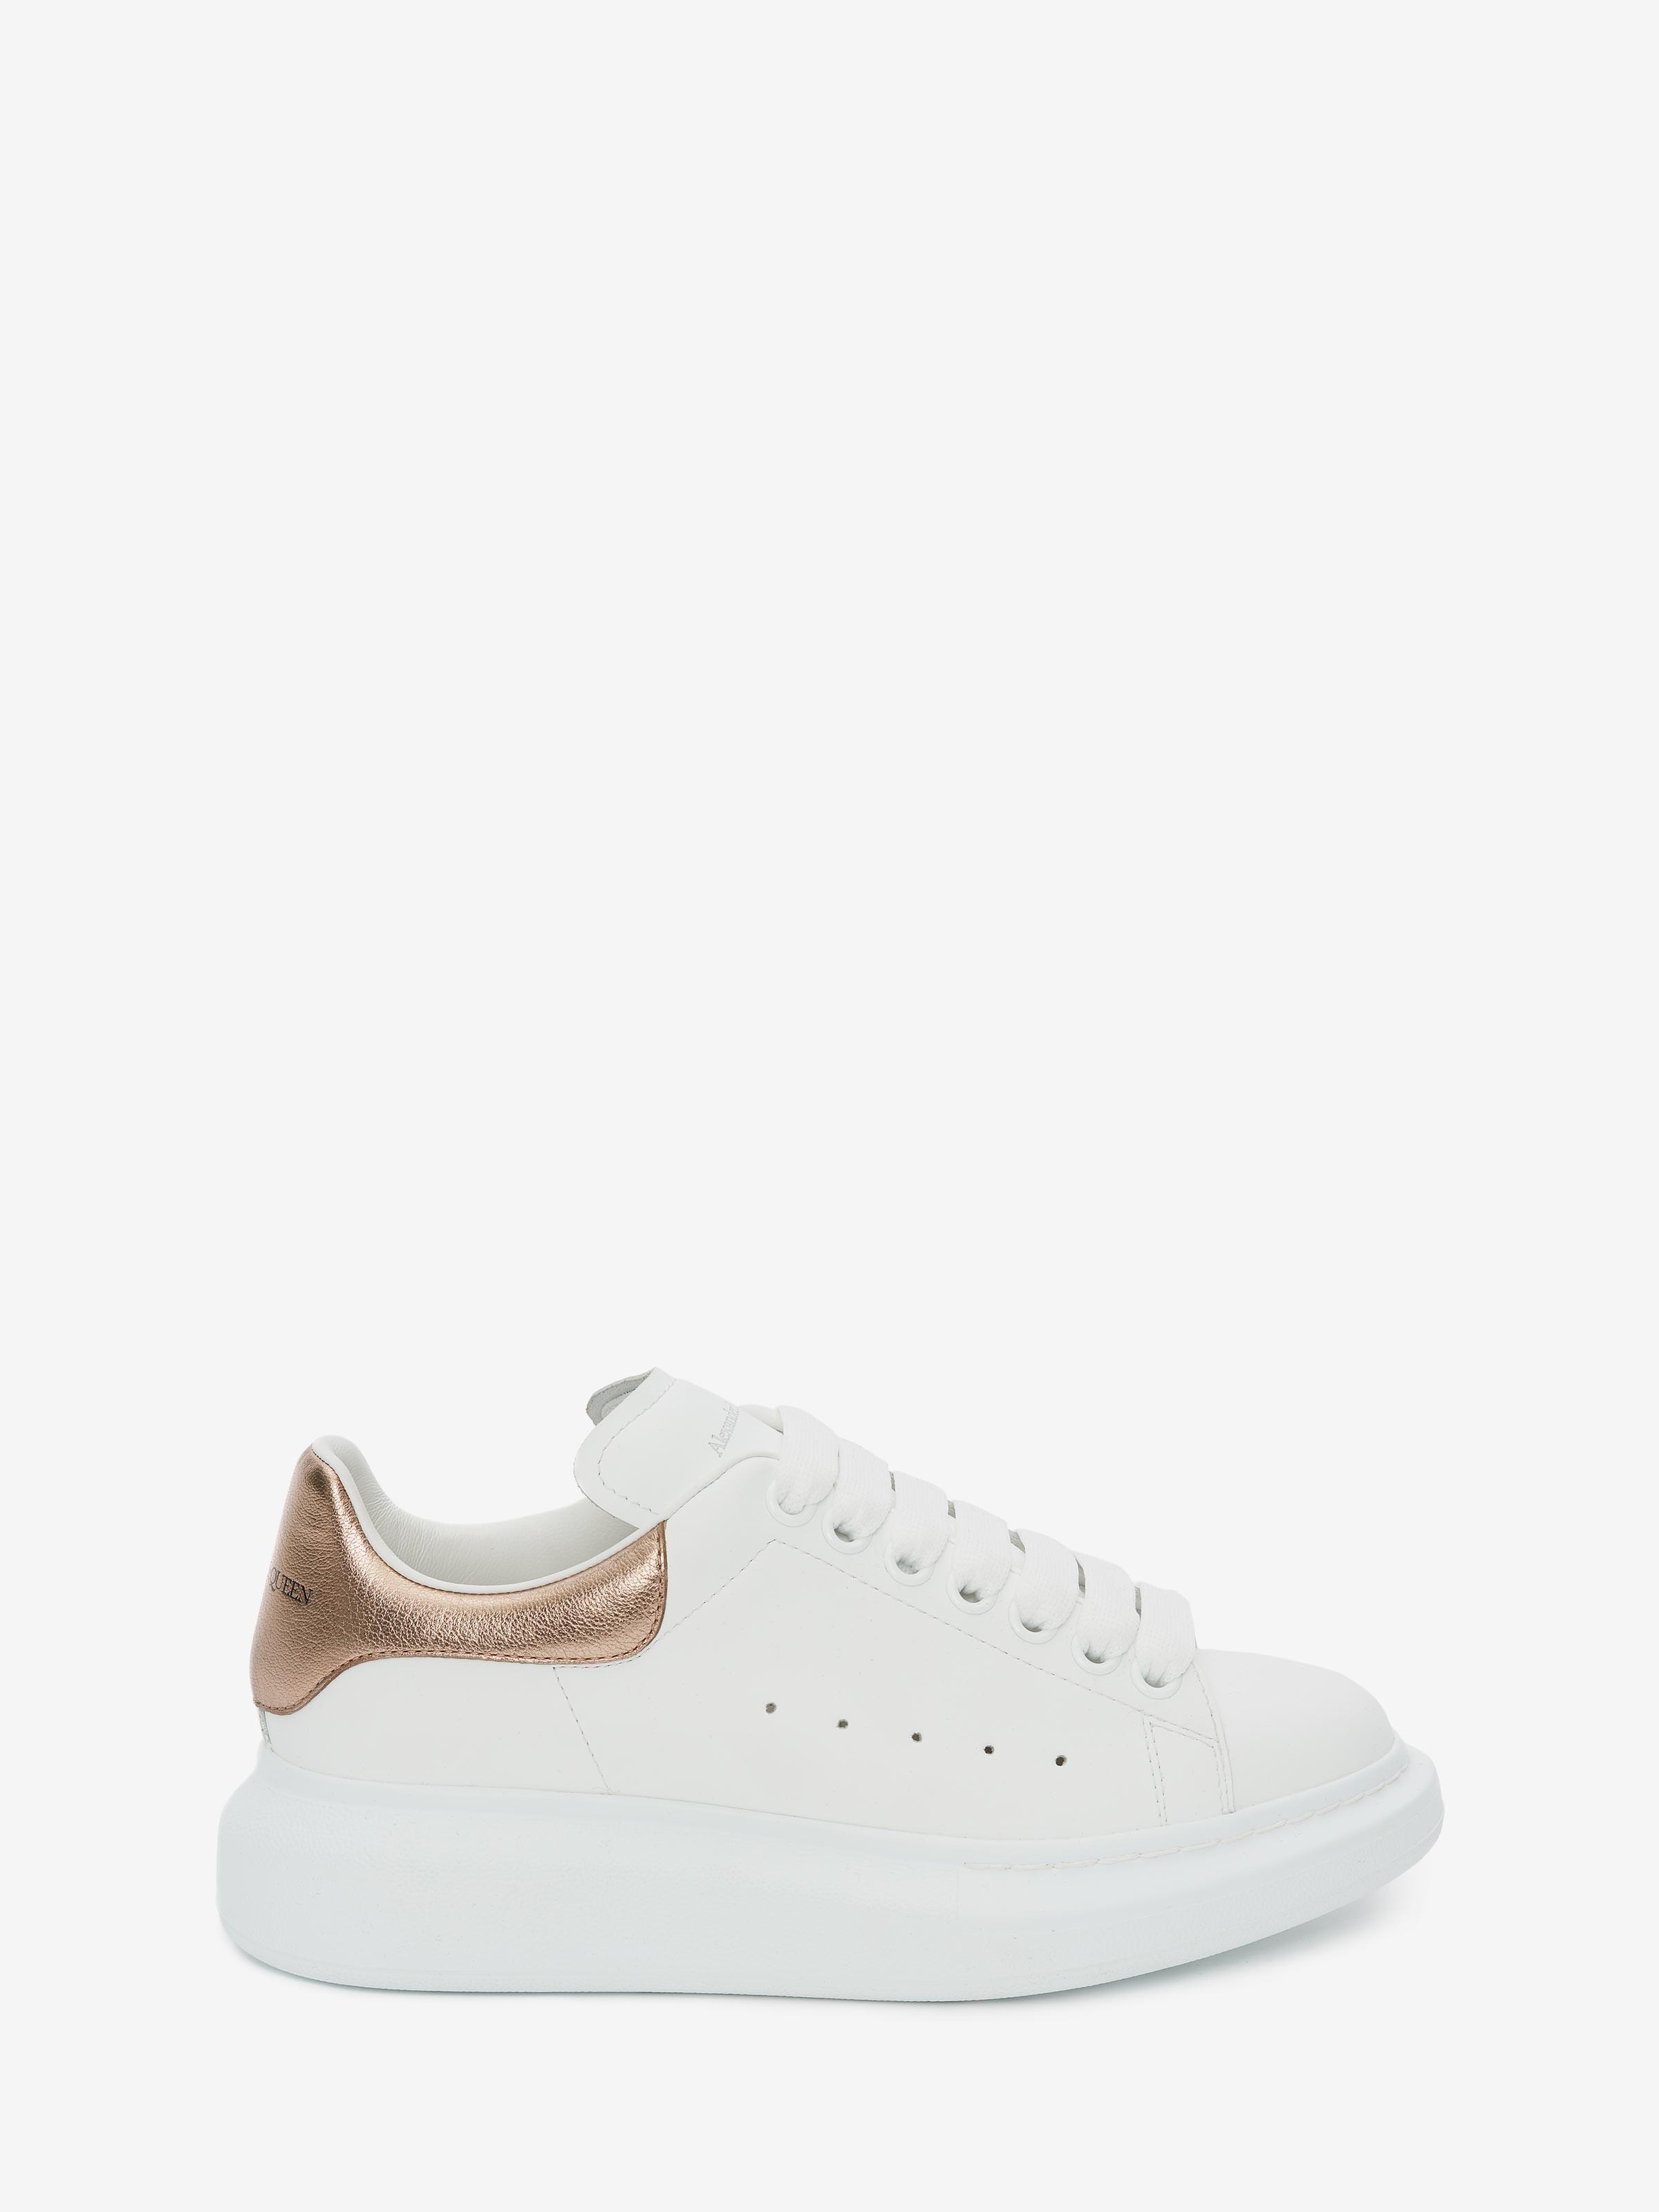 Oversized Sneaker in White/Rose Gold